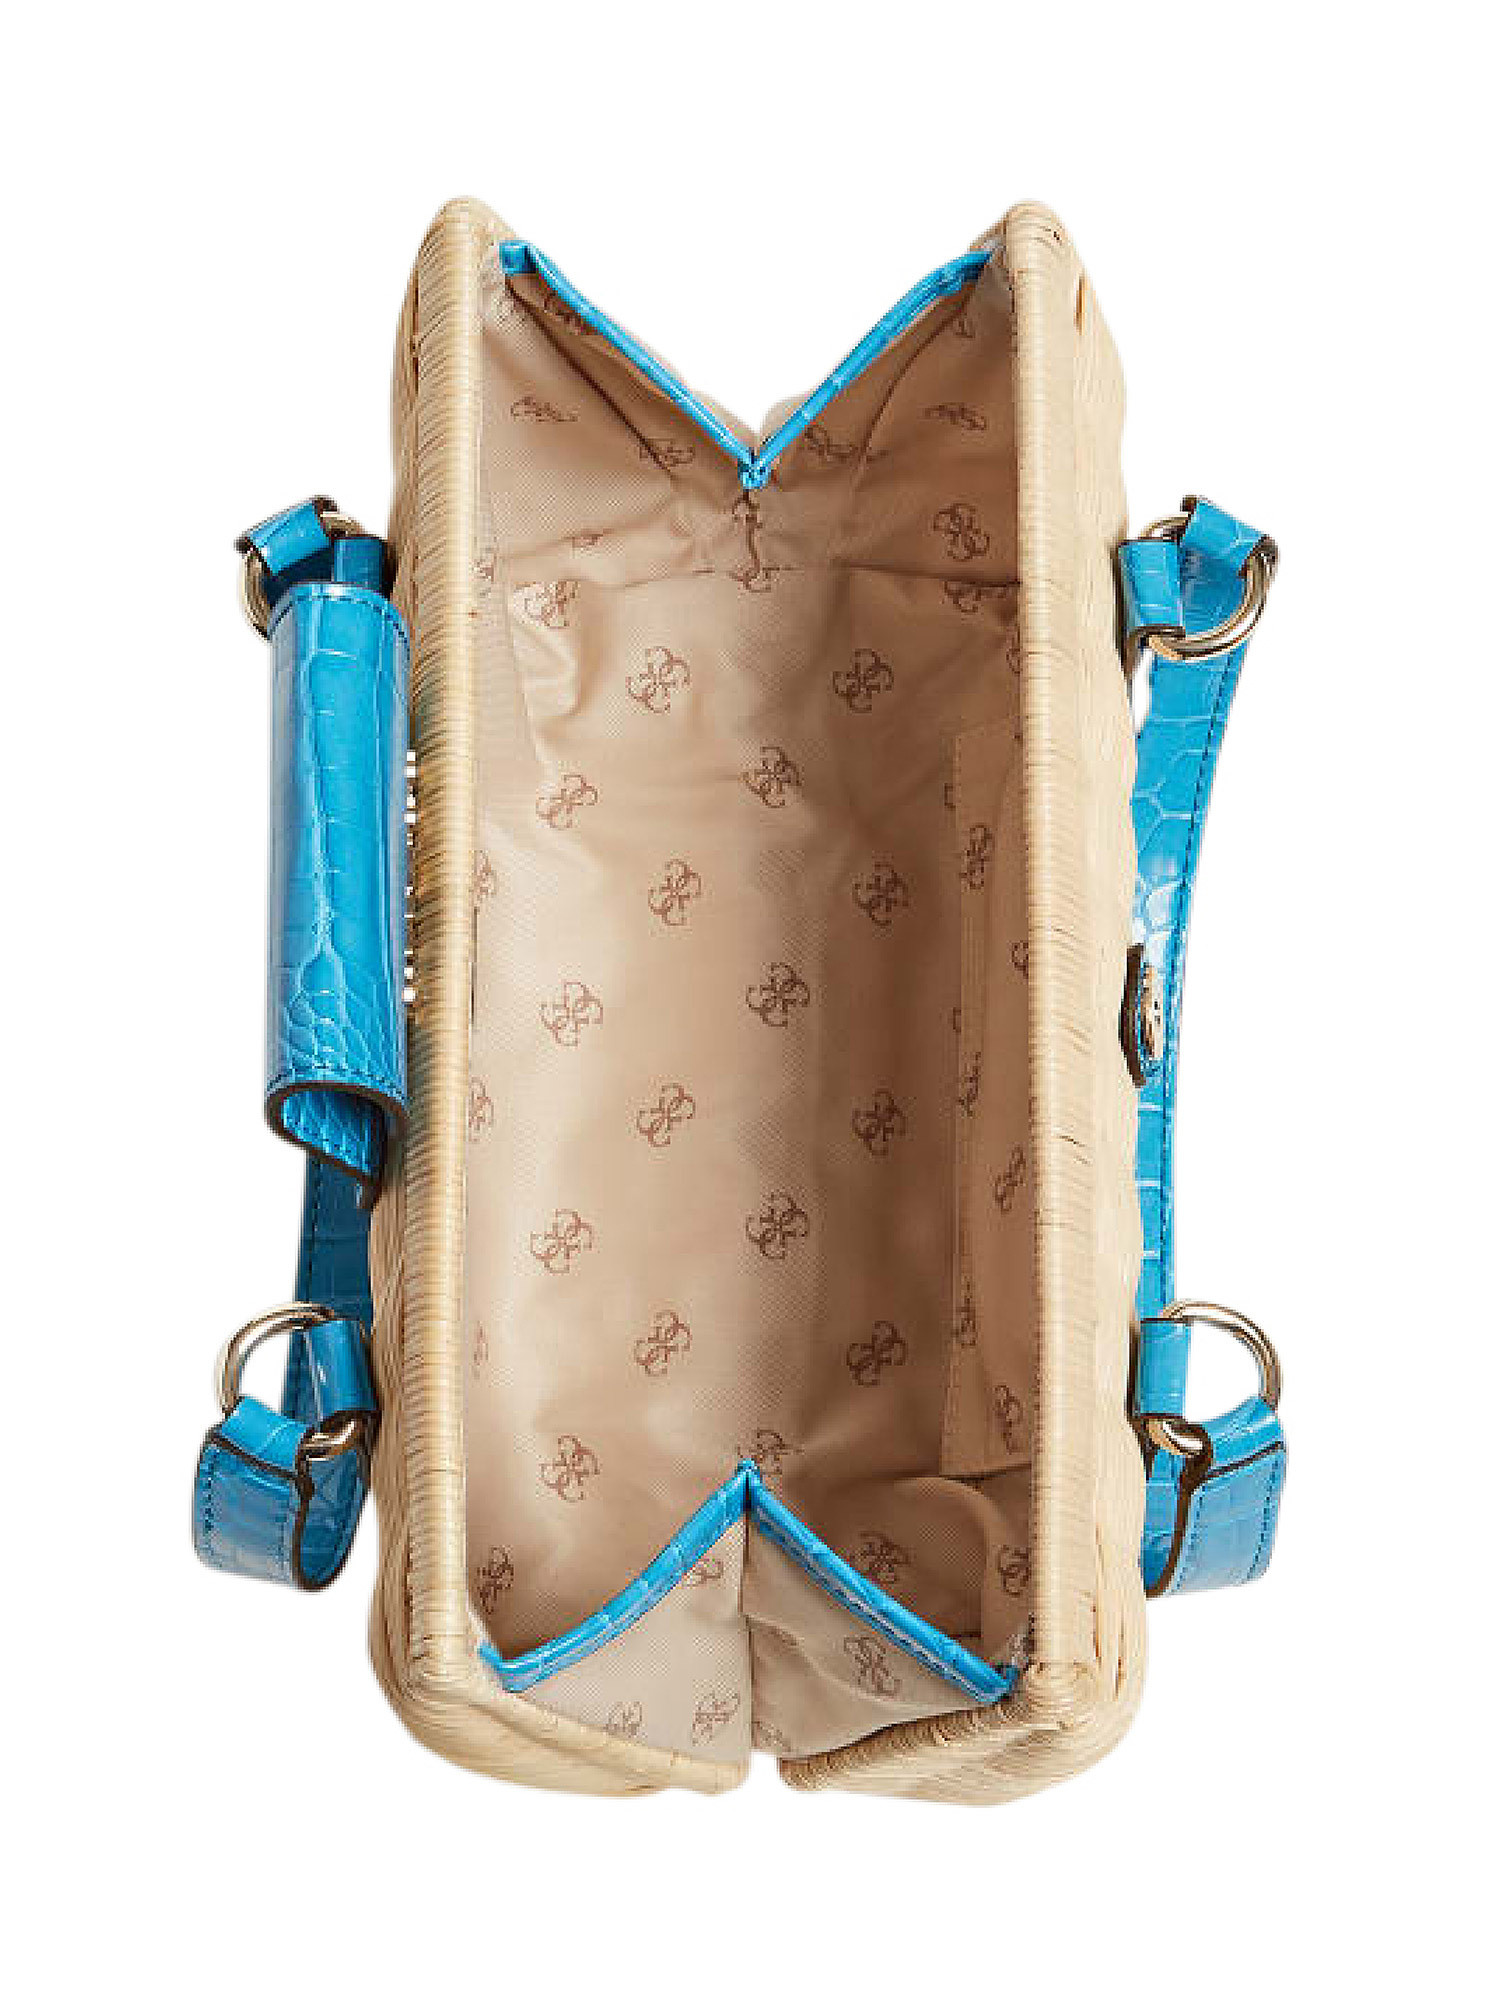 Paloma Satchel Bag, Blu, large image number 2